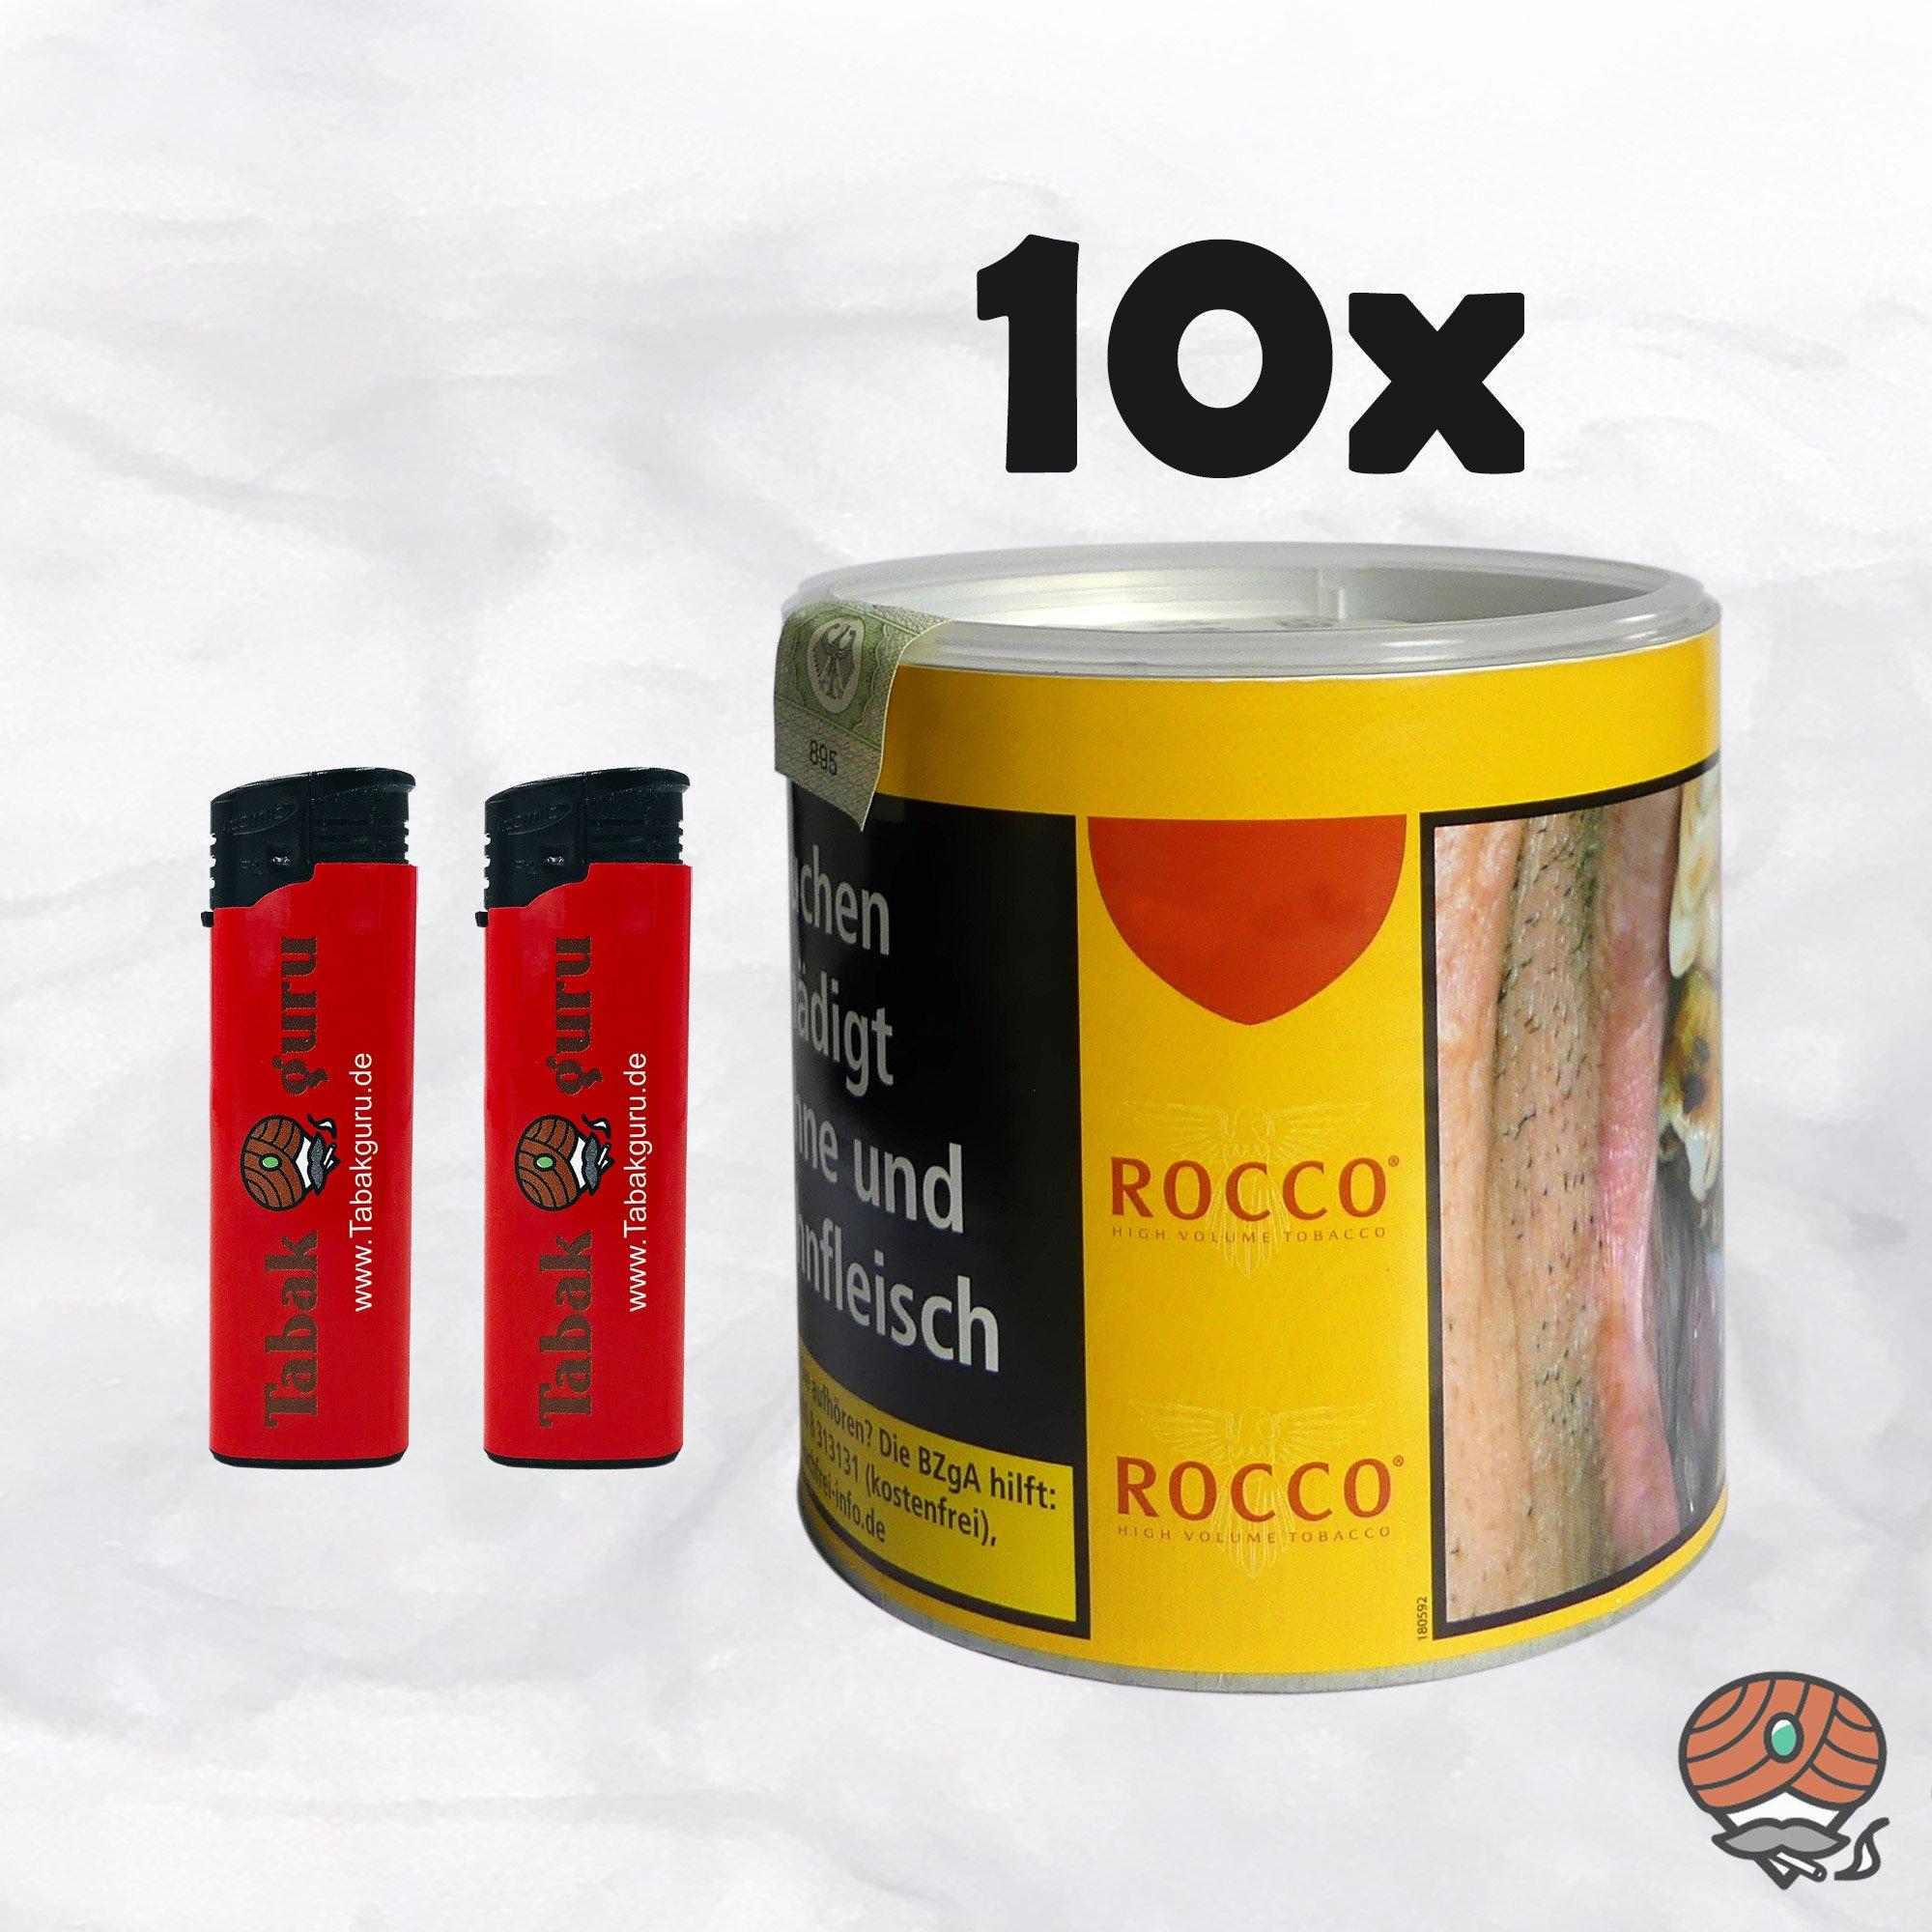 10 x ROCCO Tabak / Volumentabak Gelb Dose 35 g + Feuerzeuge